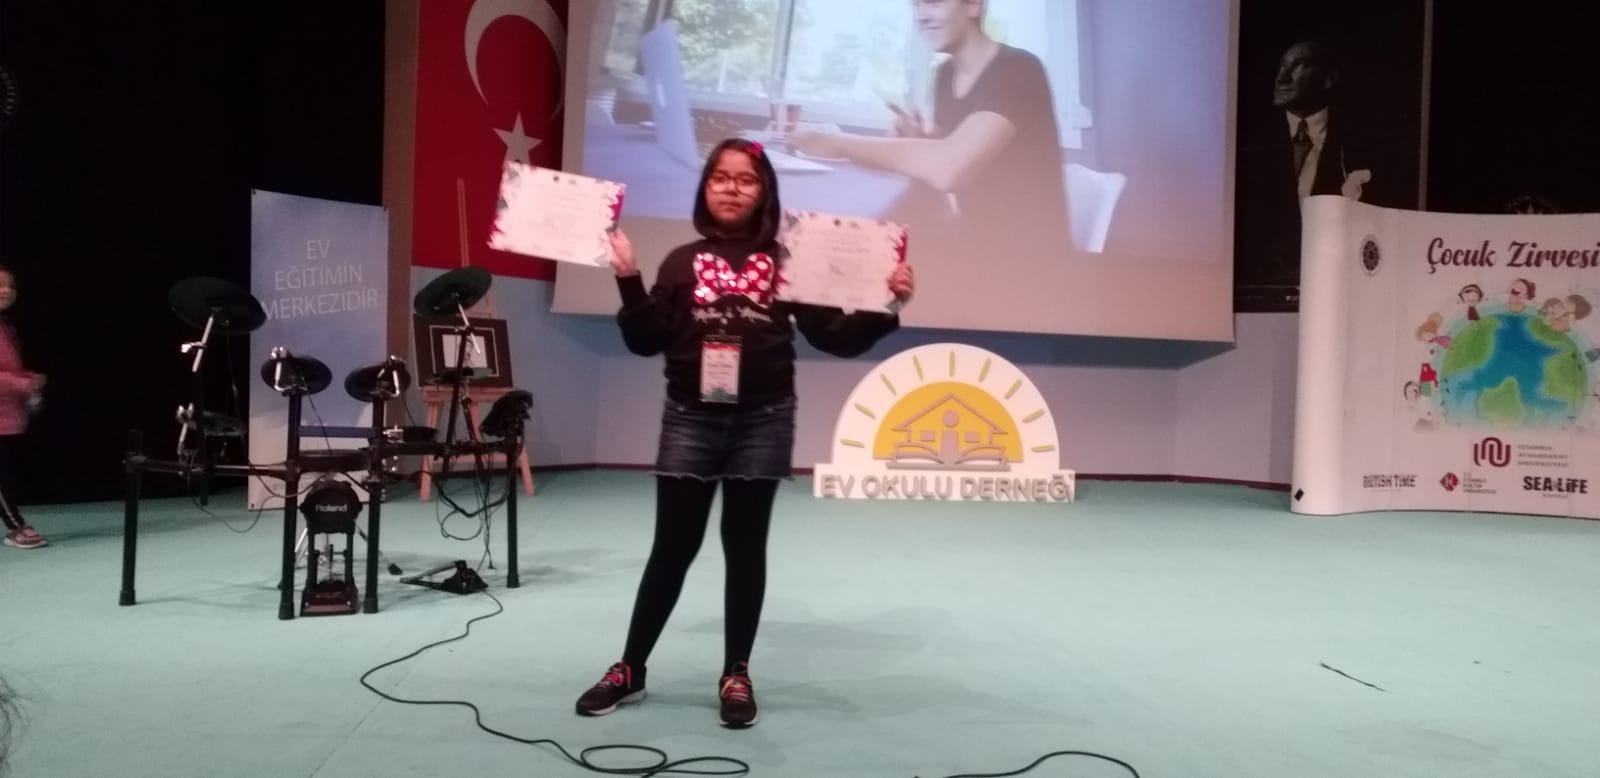 """Yıldız Teknik Üniversitesi ve Ev Okulu Derneğinin düzenlediği """"Evde Bilim"""" yarışmasında, ekoloji kategorisinde jüri birincilik derecesi"""